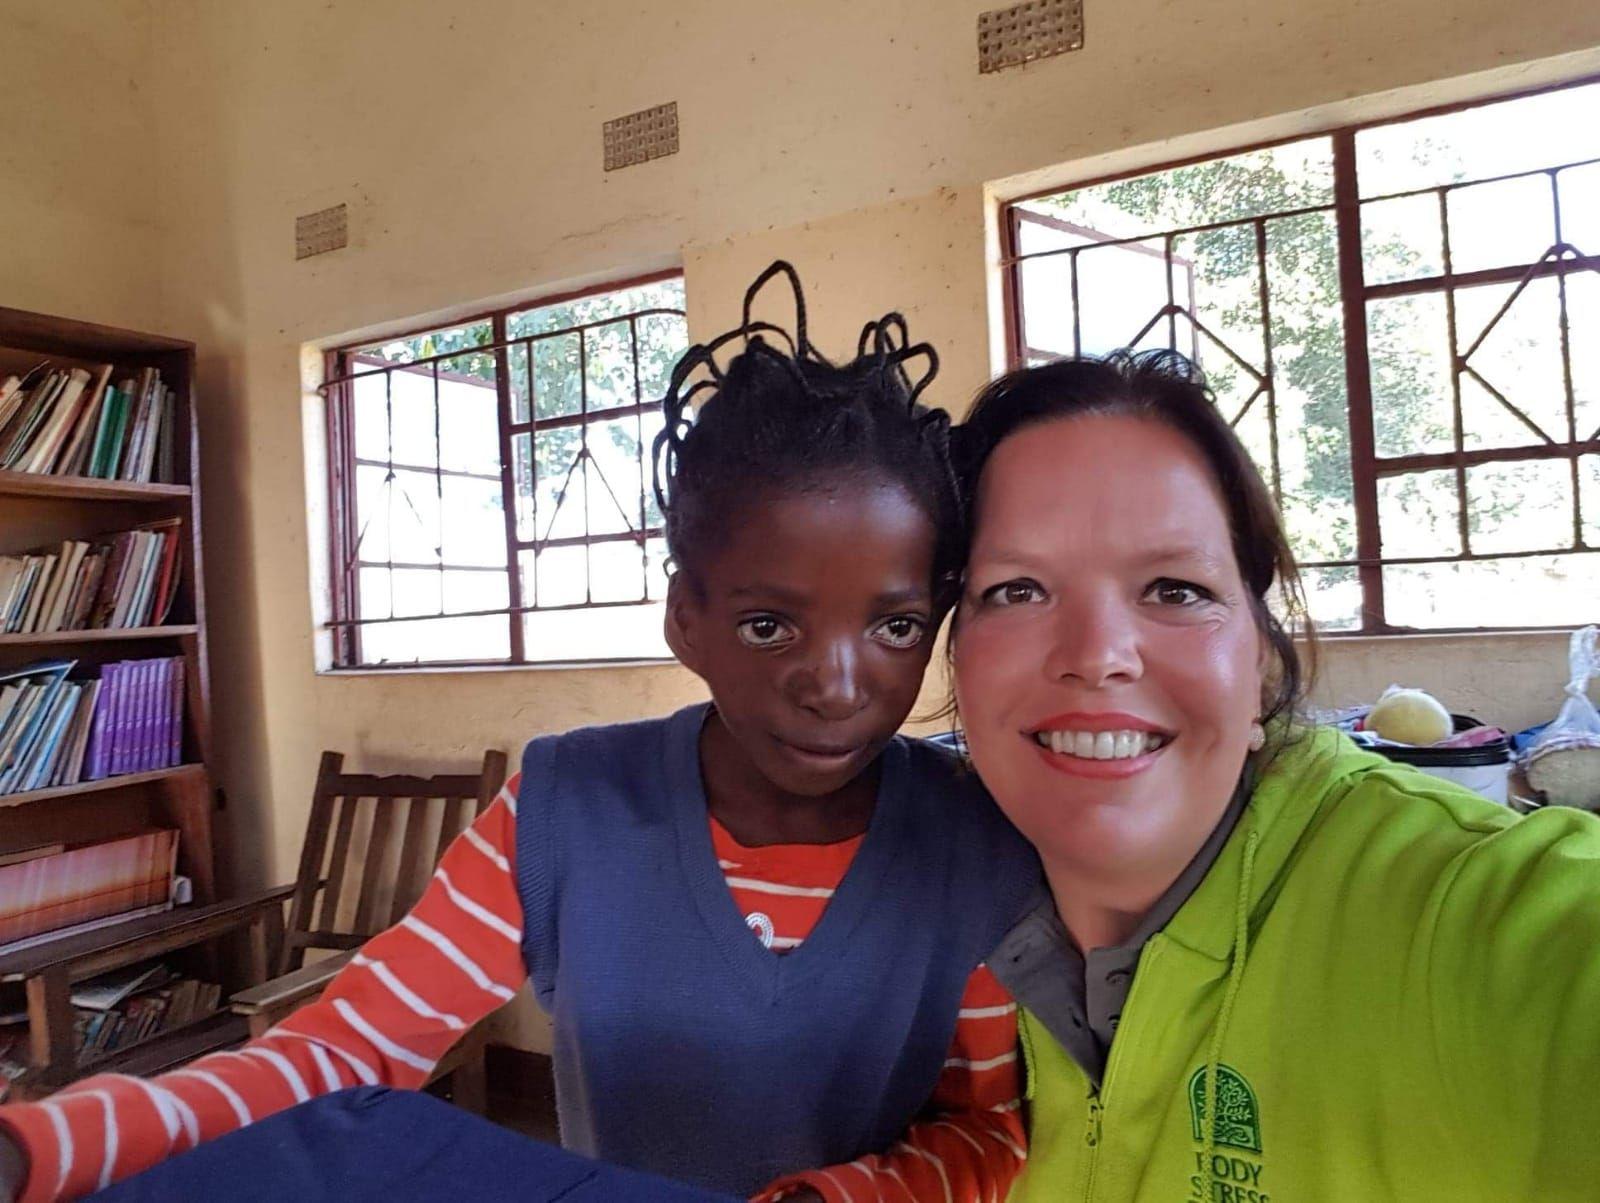 Anika Meijer wil terug naar Zambia, help haar haar werk voort te zetten en doneer online